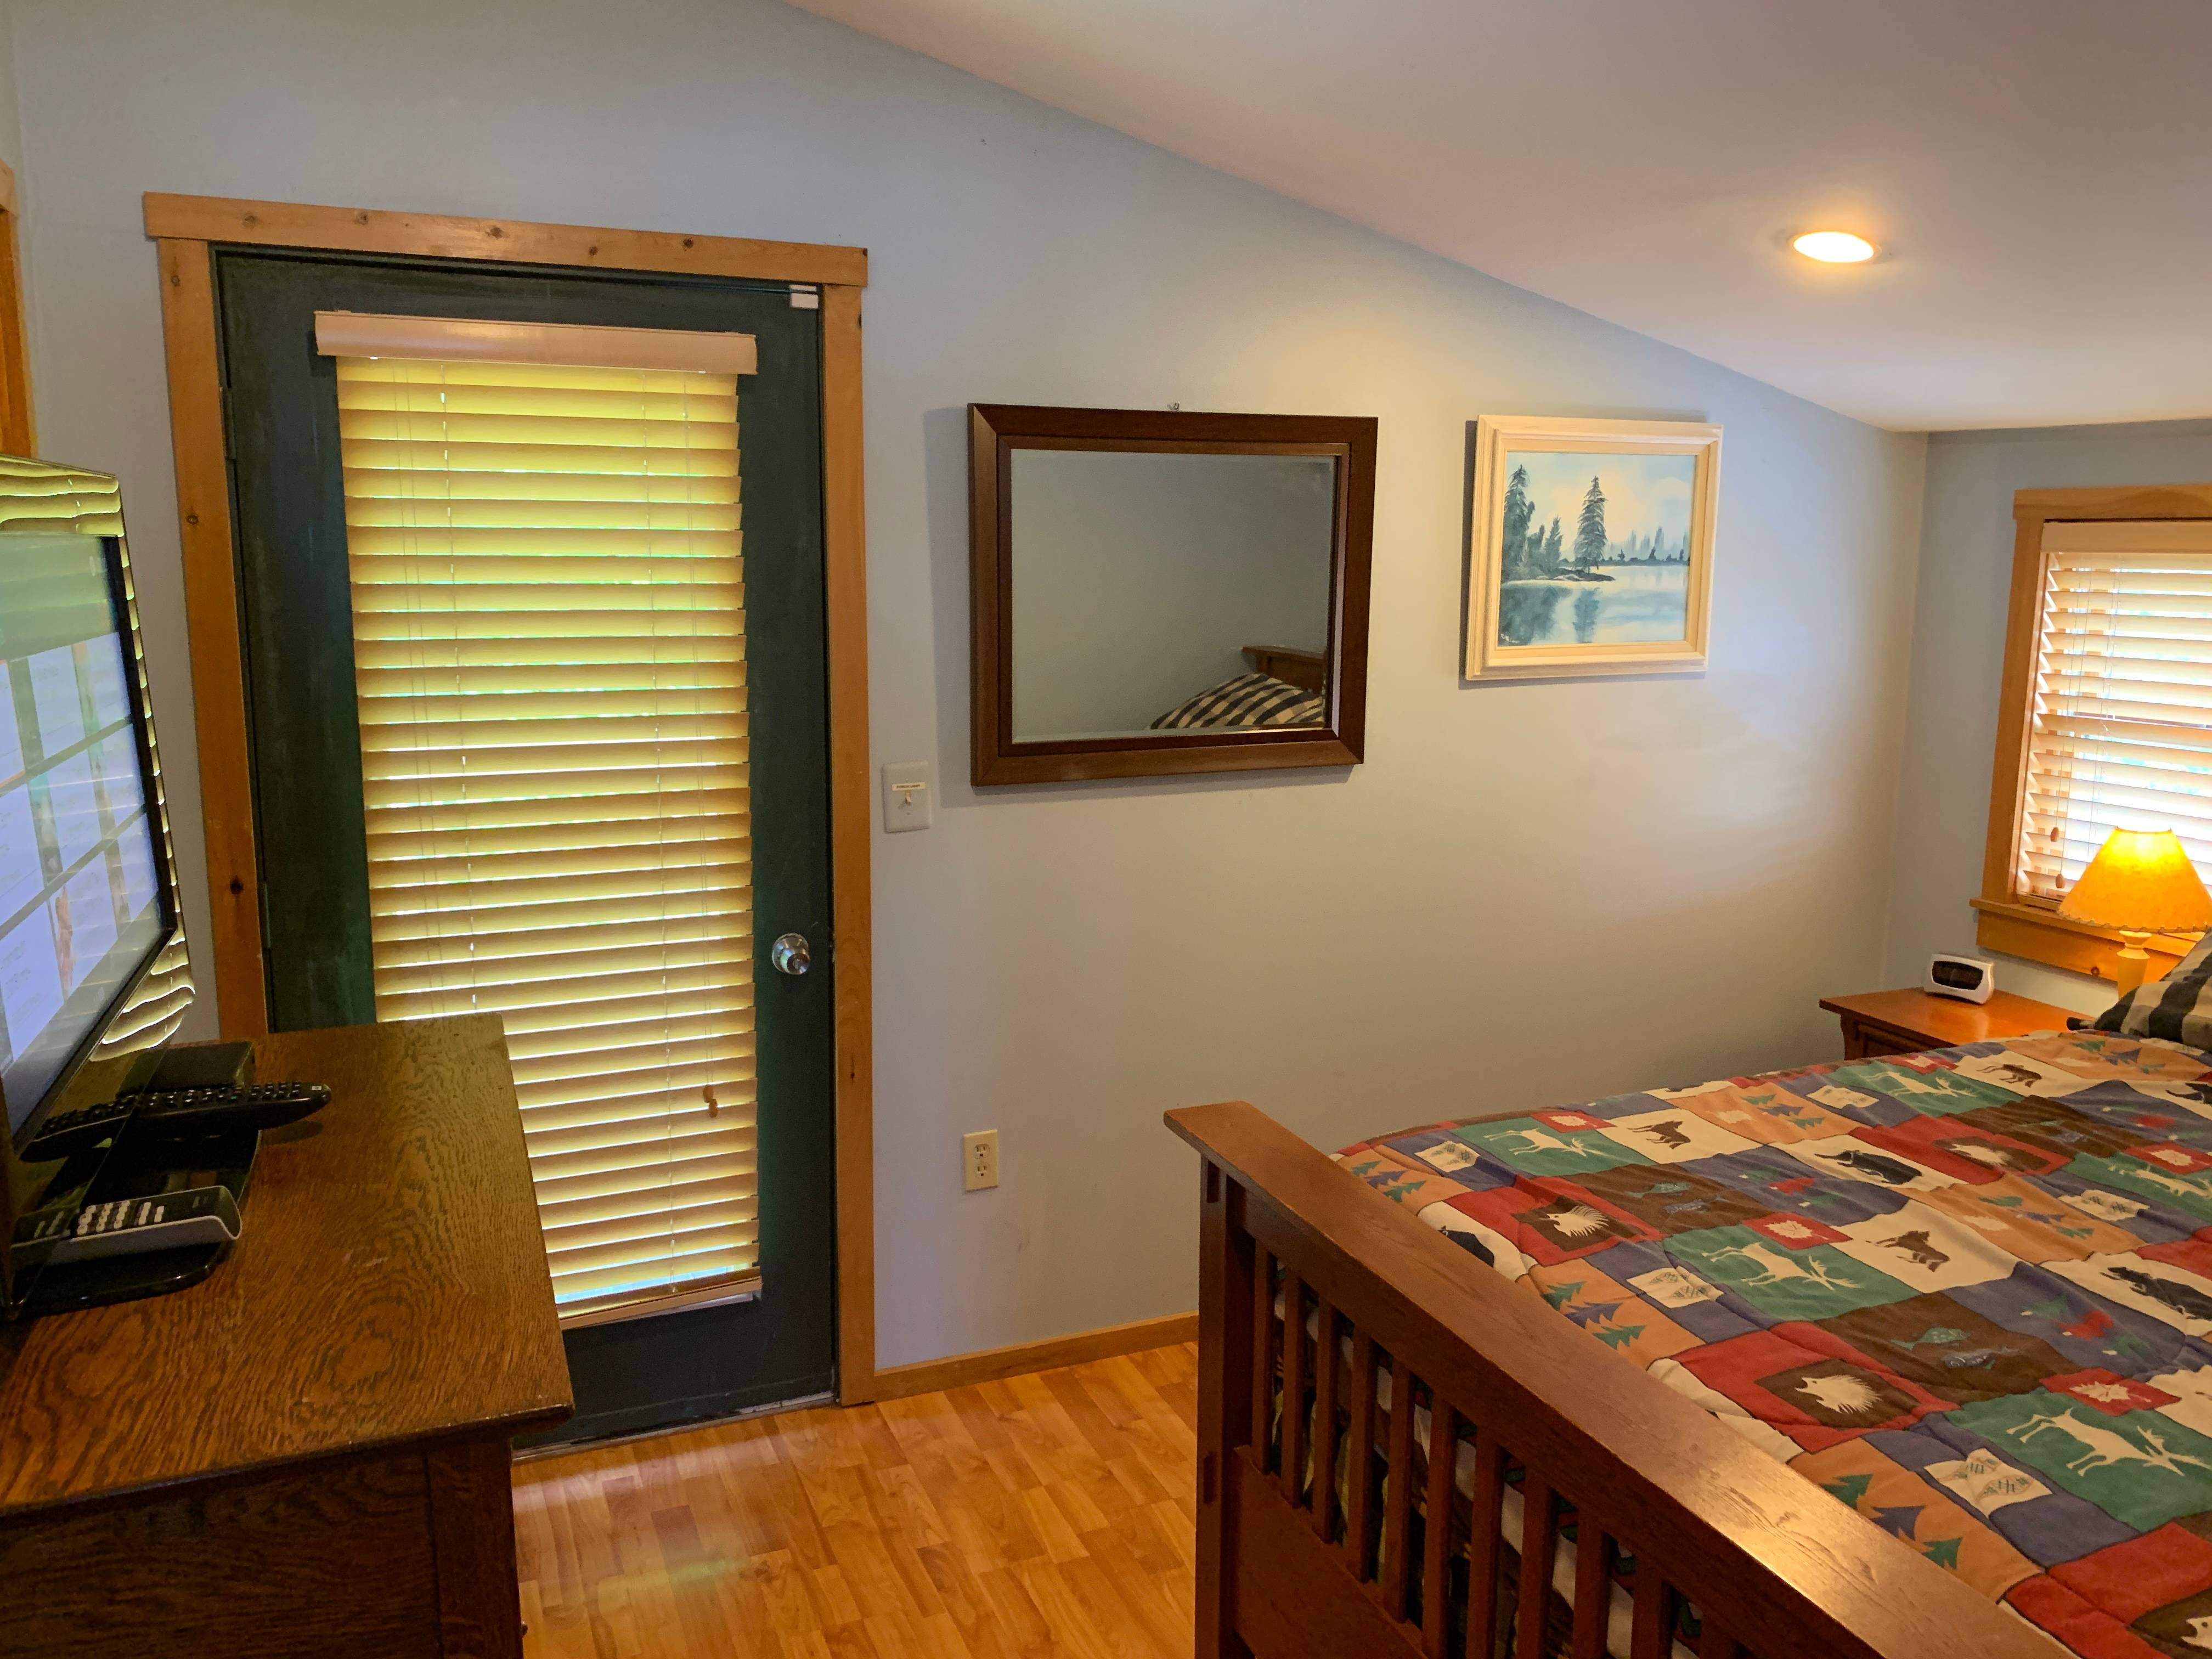 Upper right bedroom